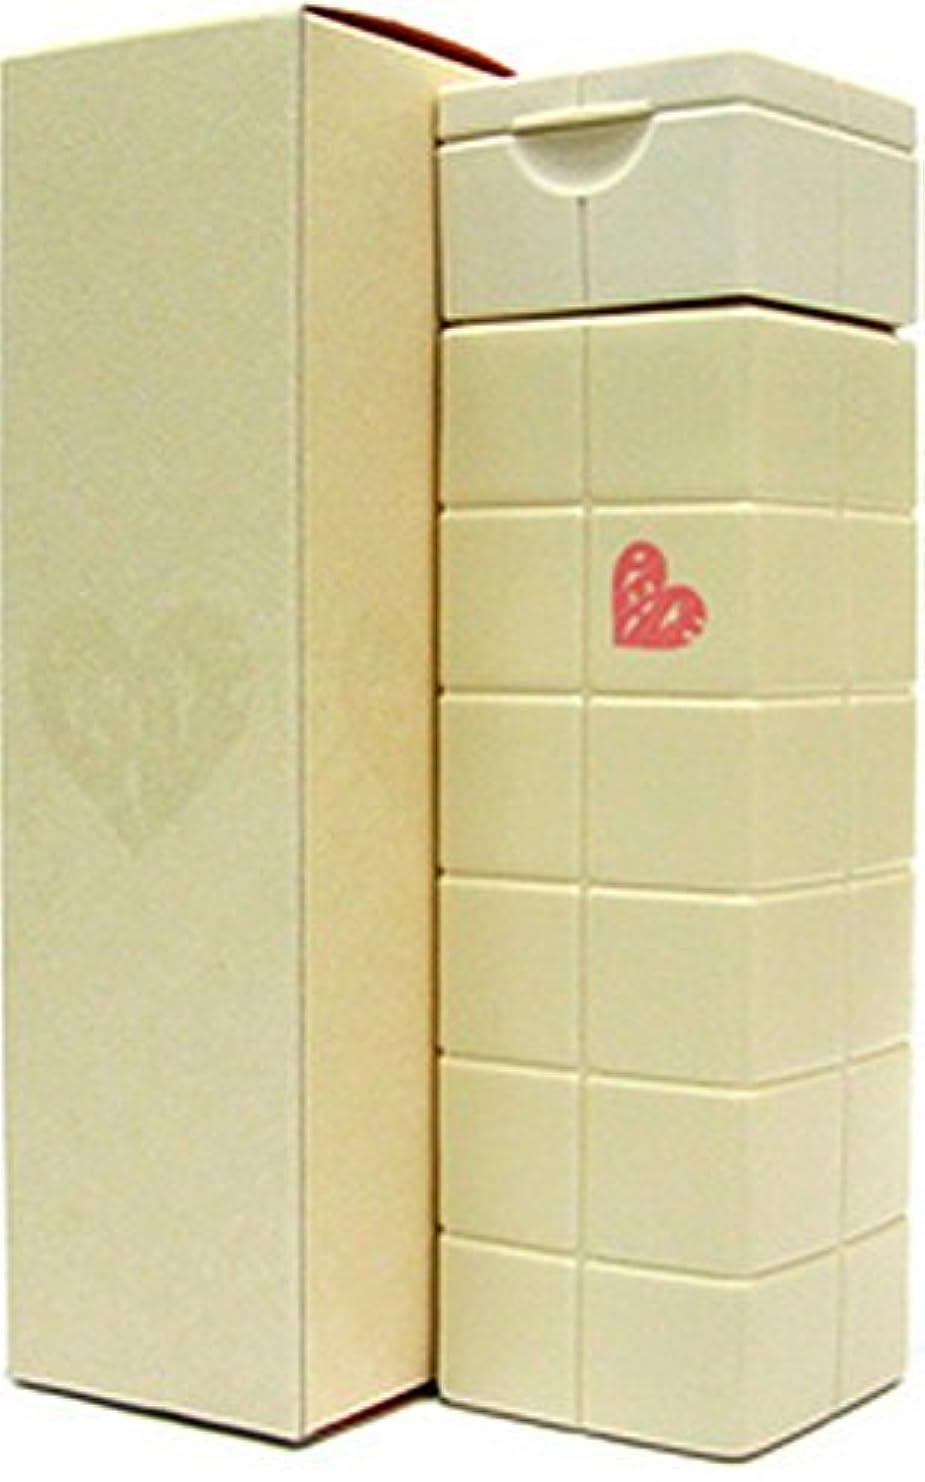 だらしないアラビア語ミシン目アリミノ ピース プロデザインシリーズ モイストミルク バニラ 200ml 洗い流さないヘアトリートメント